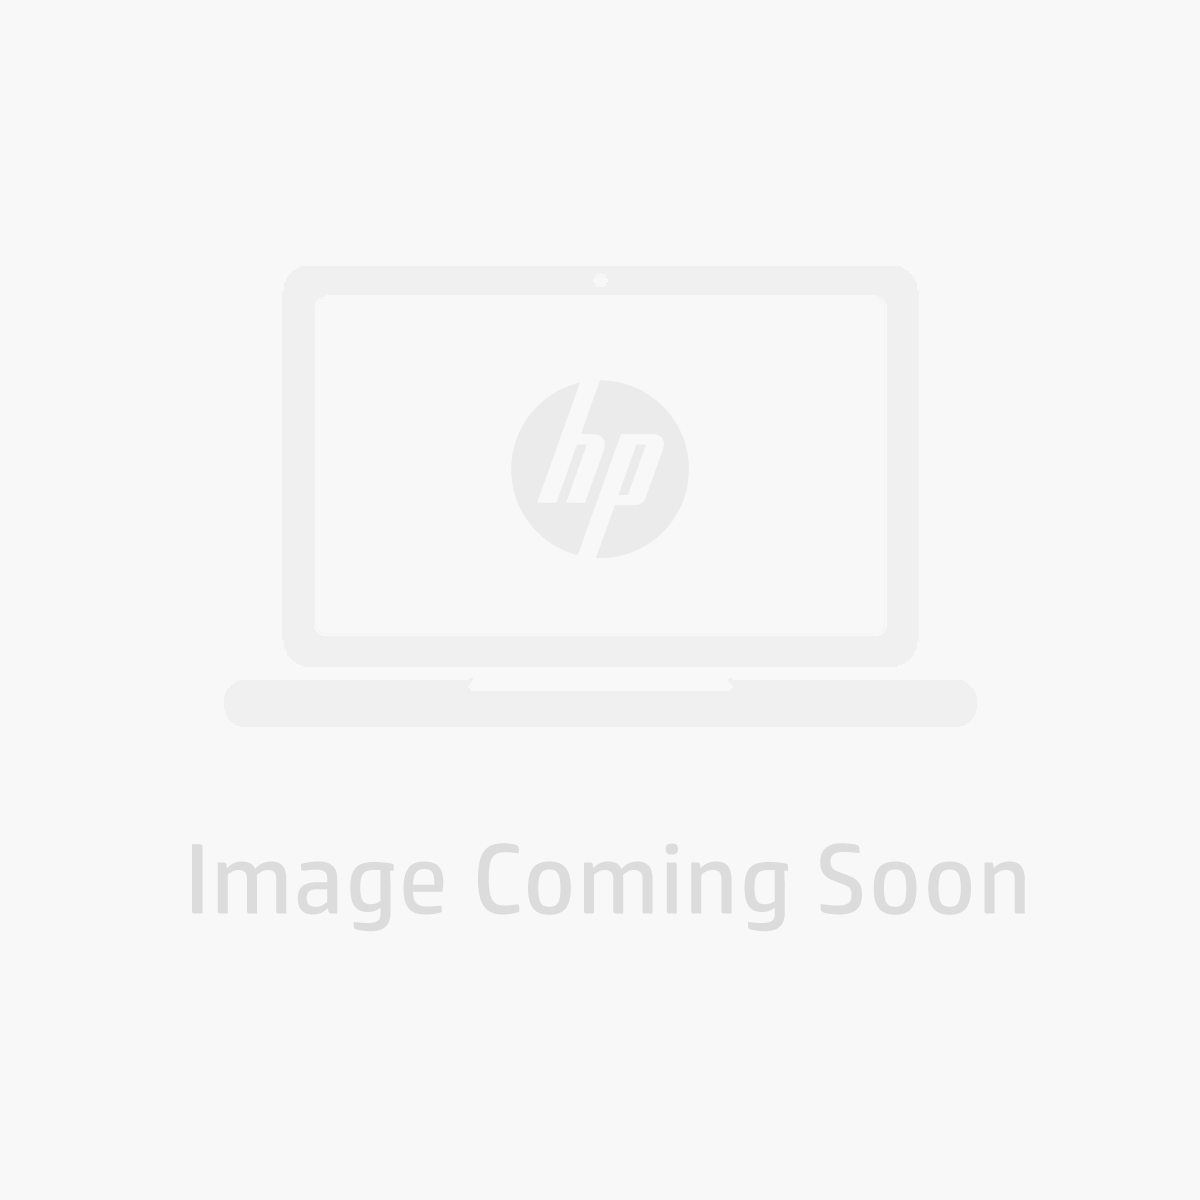 HP Desktop Pro i5-8400 in Black